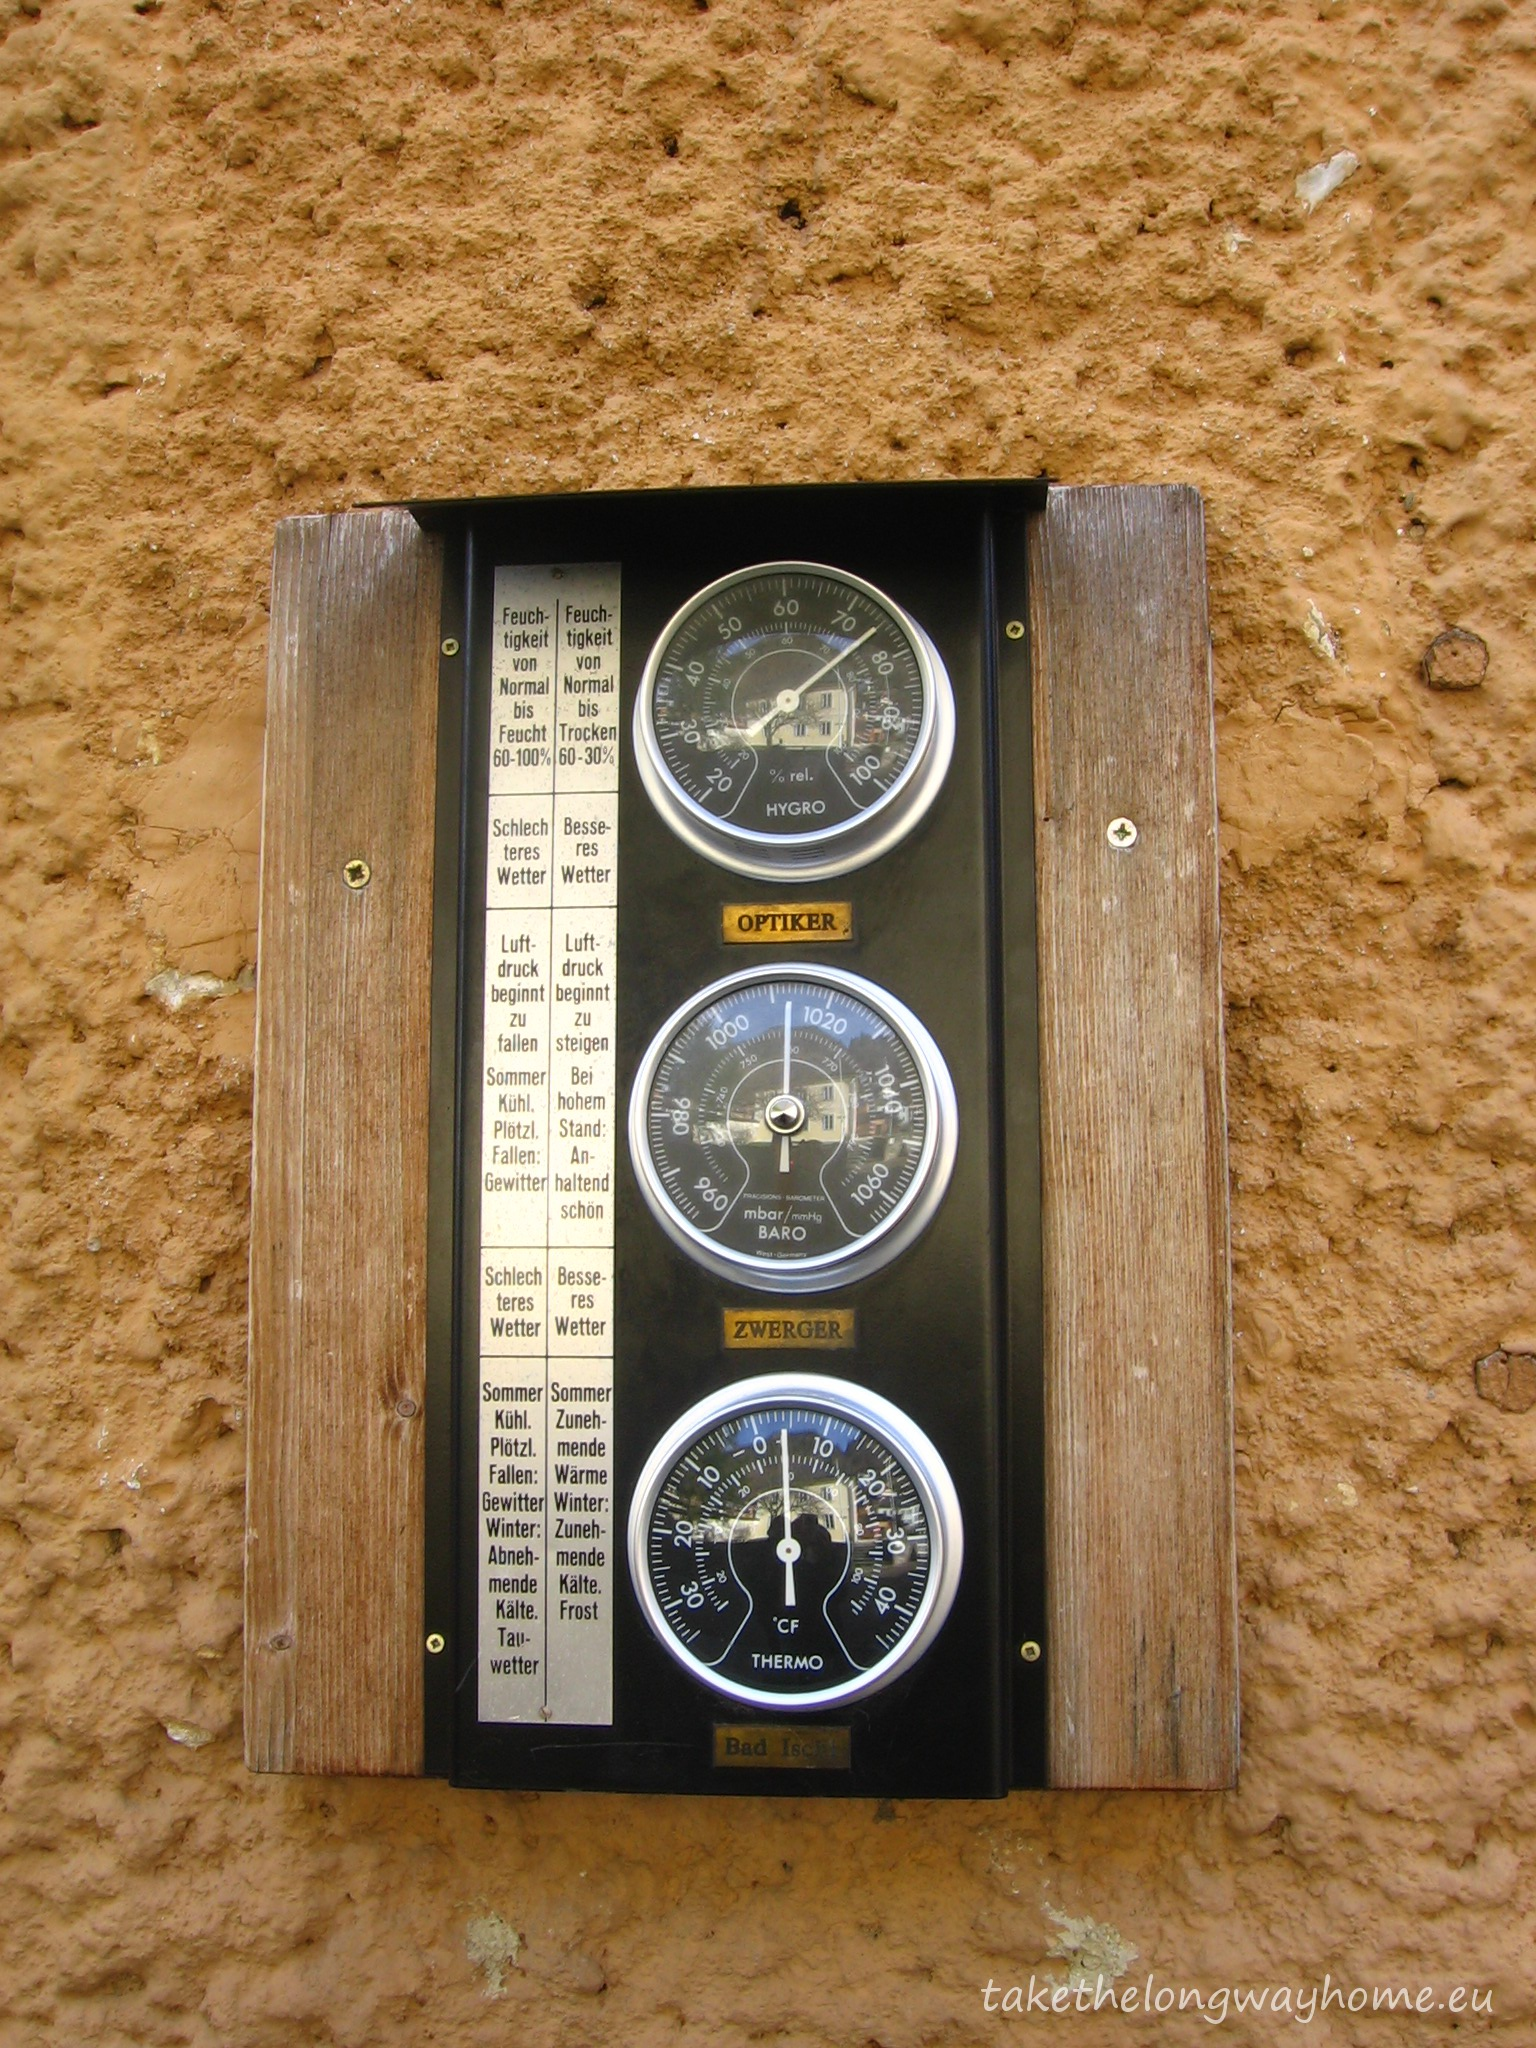 Umiditate 75 % Presiune atmosferică 760 mm Temperatură 4 grade Celsius